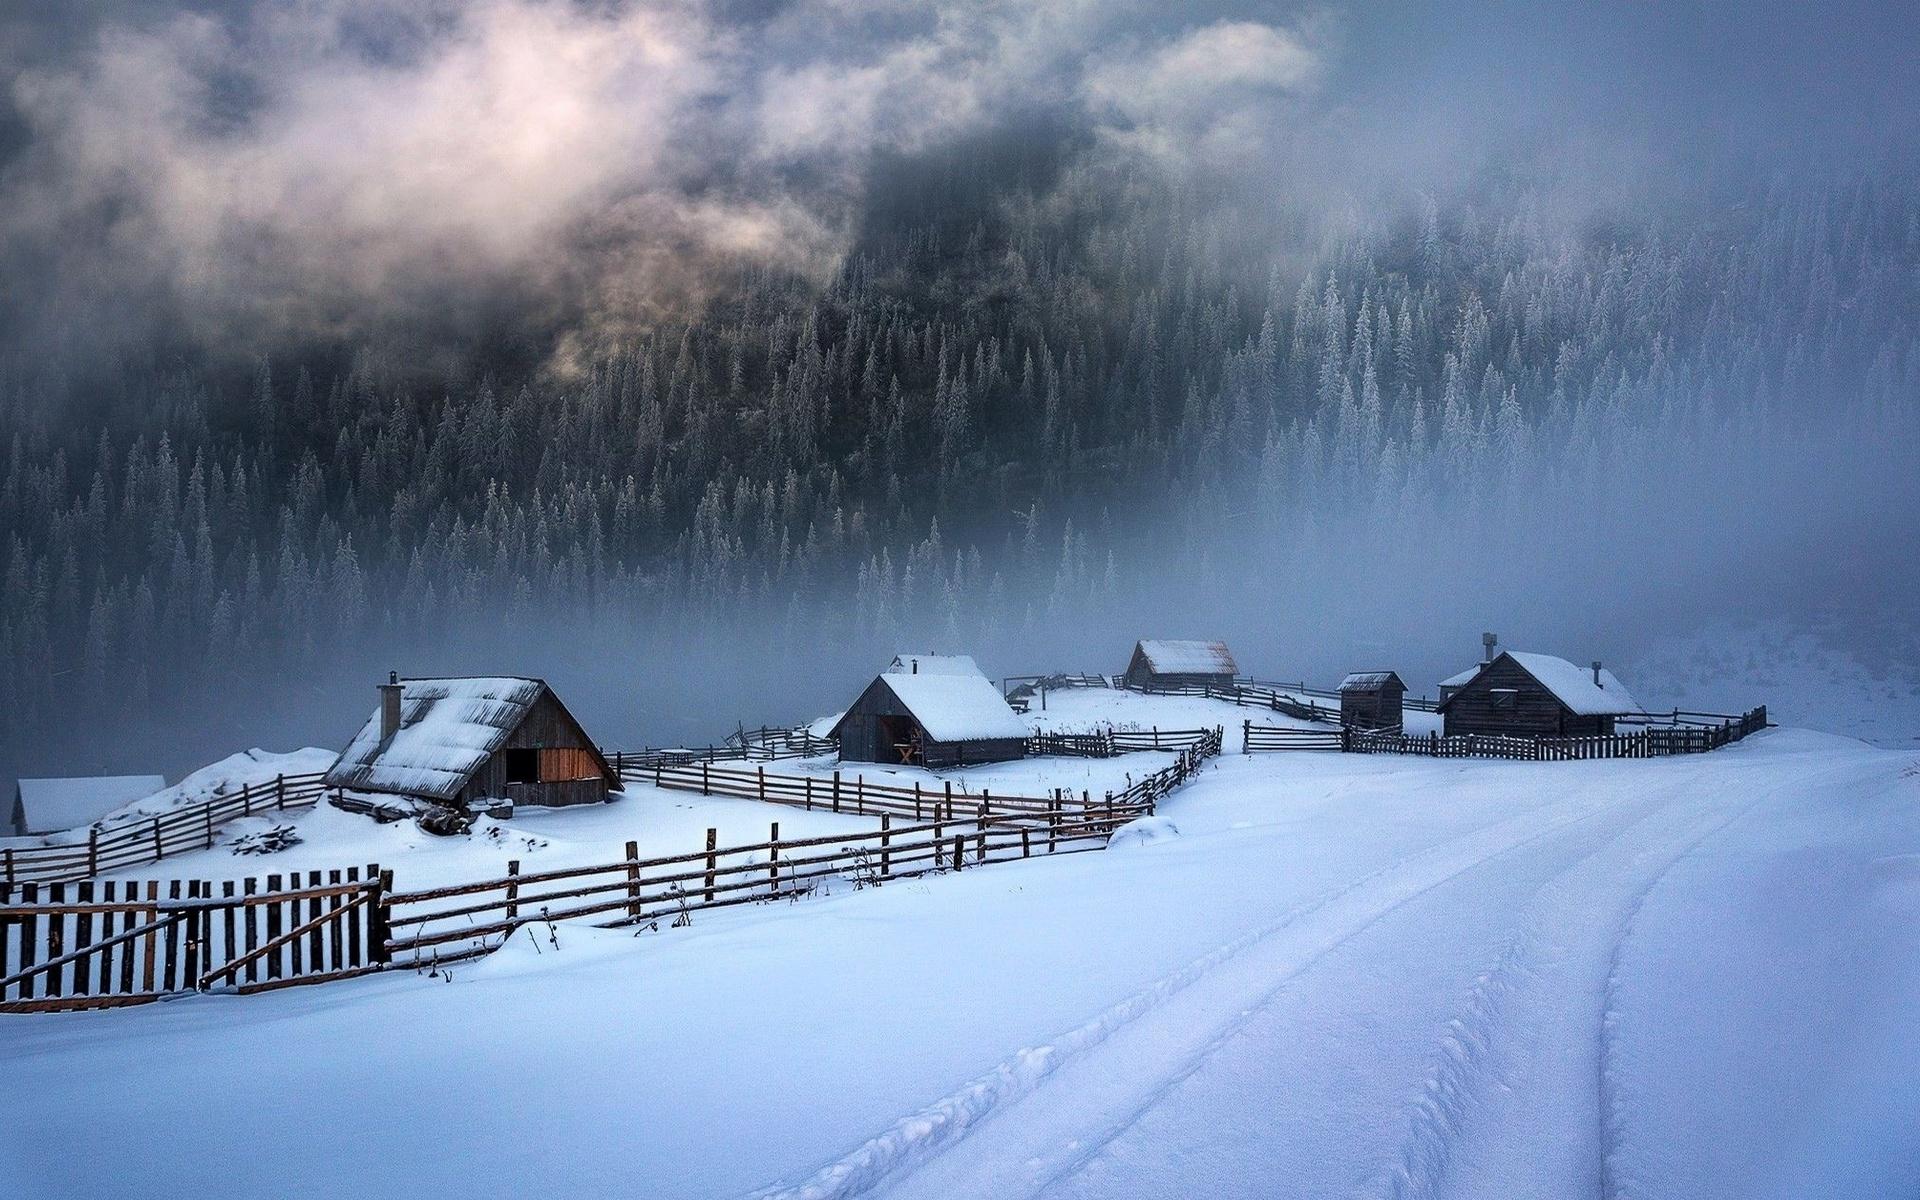 оригинальности, декоративная зима в деревне обои и картинки моими дочерьми очень